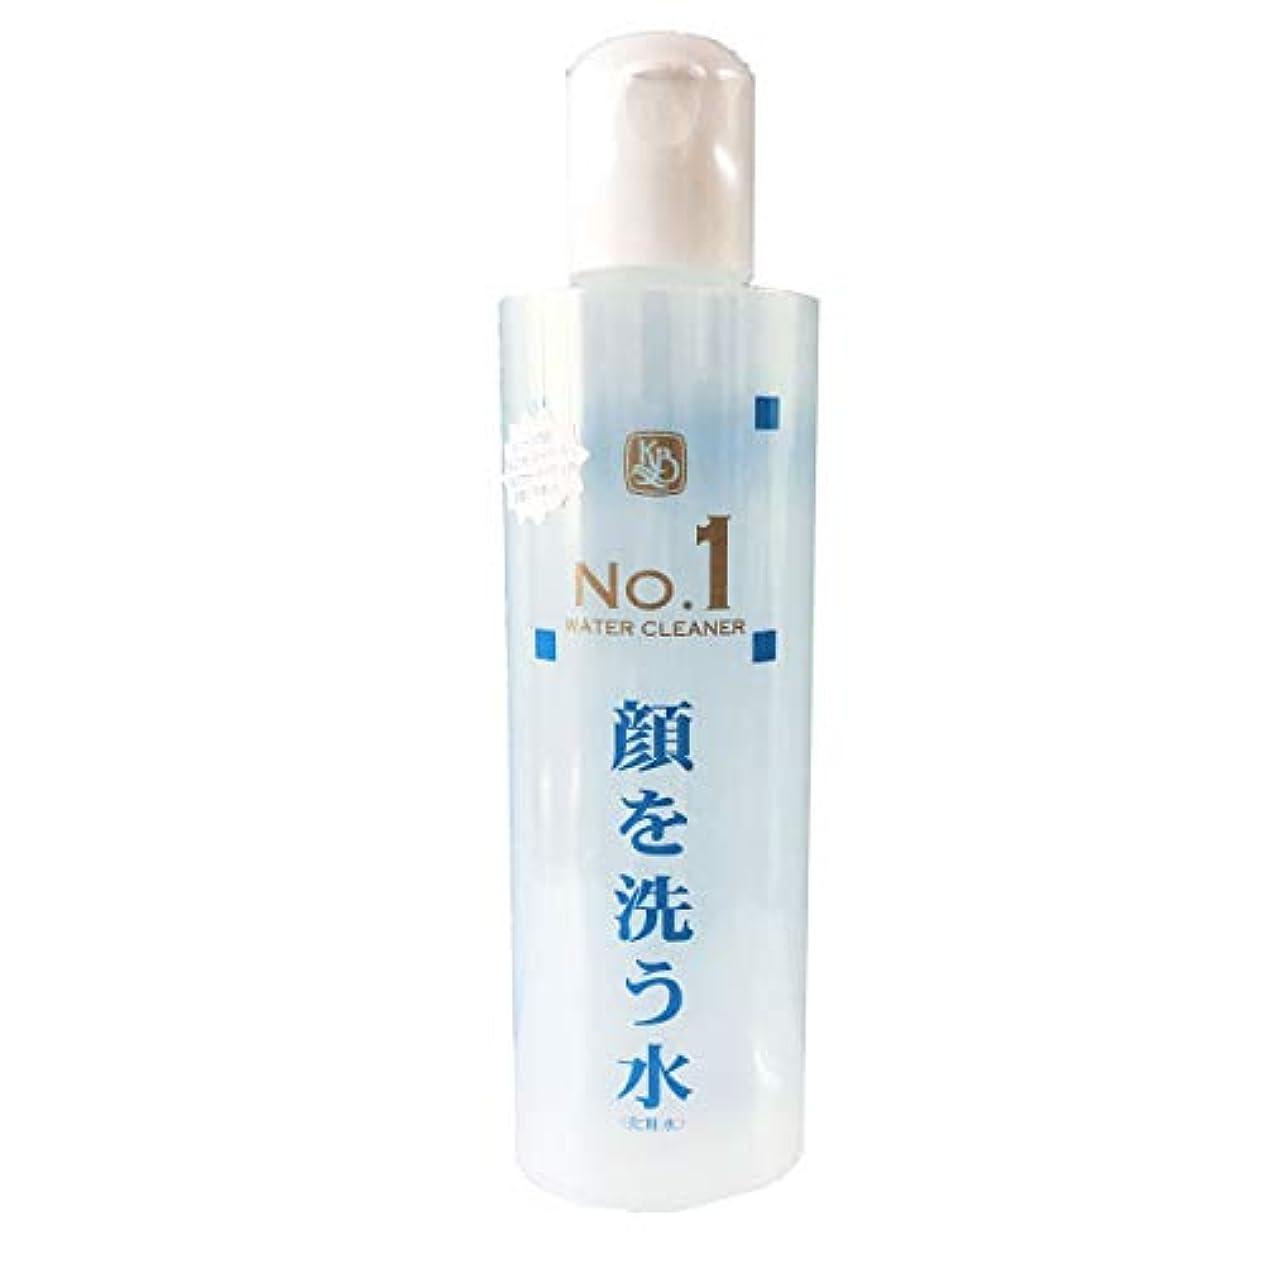 顔を洗う水 ウォータークリーナーNo1 250ml